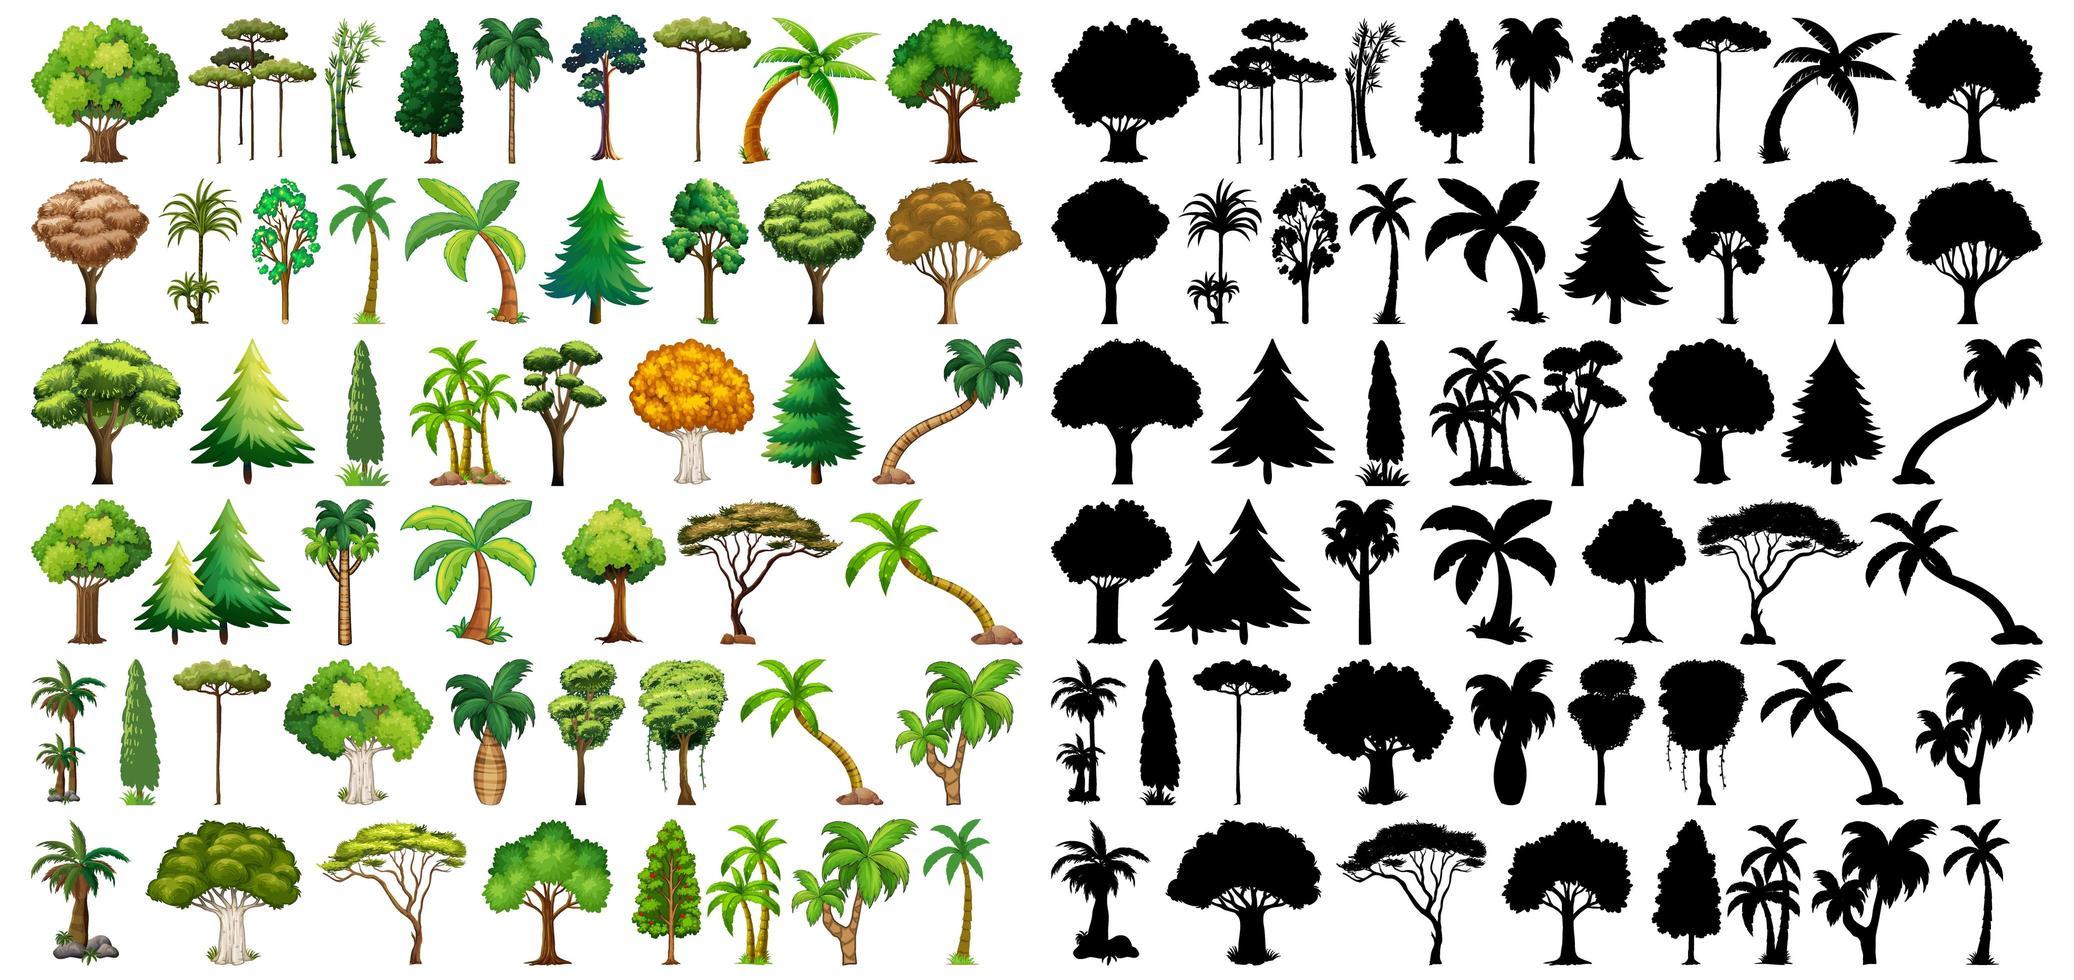 ensemble de plantes et d & # 39; arbres avec des silhouettes vecteur